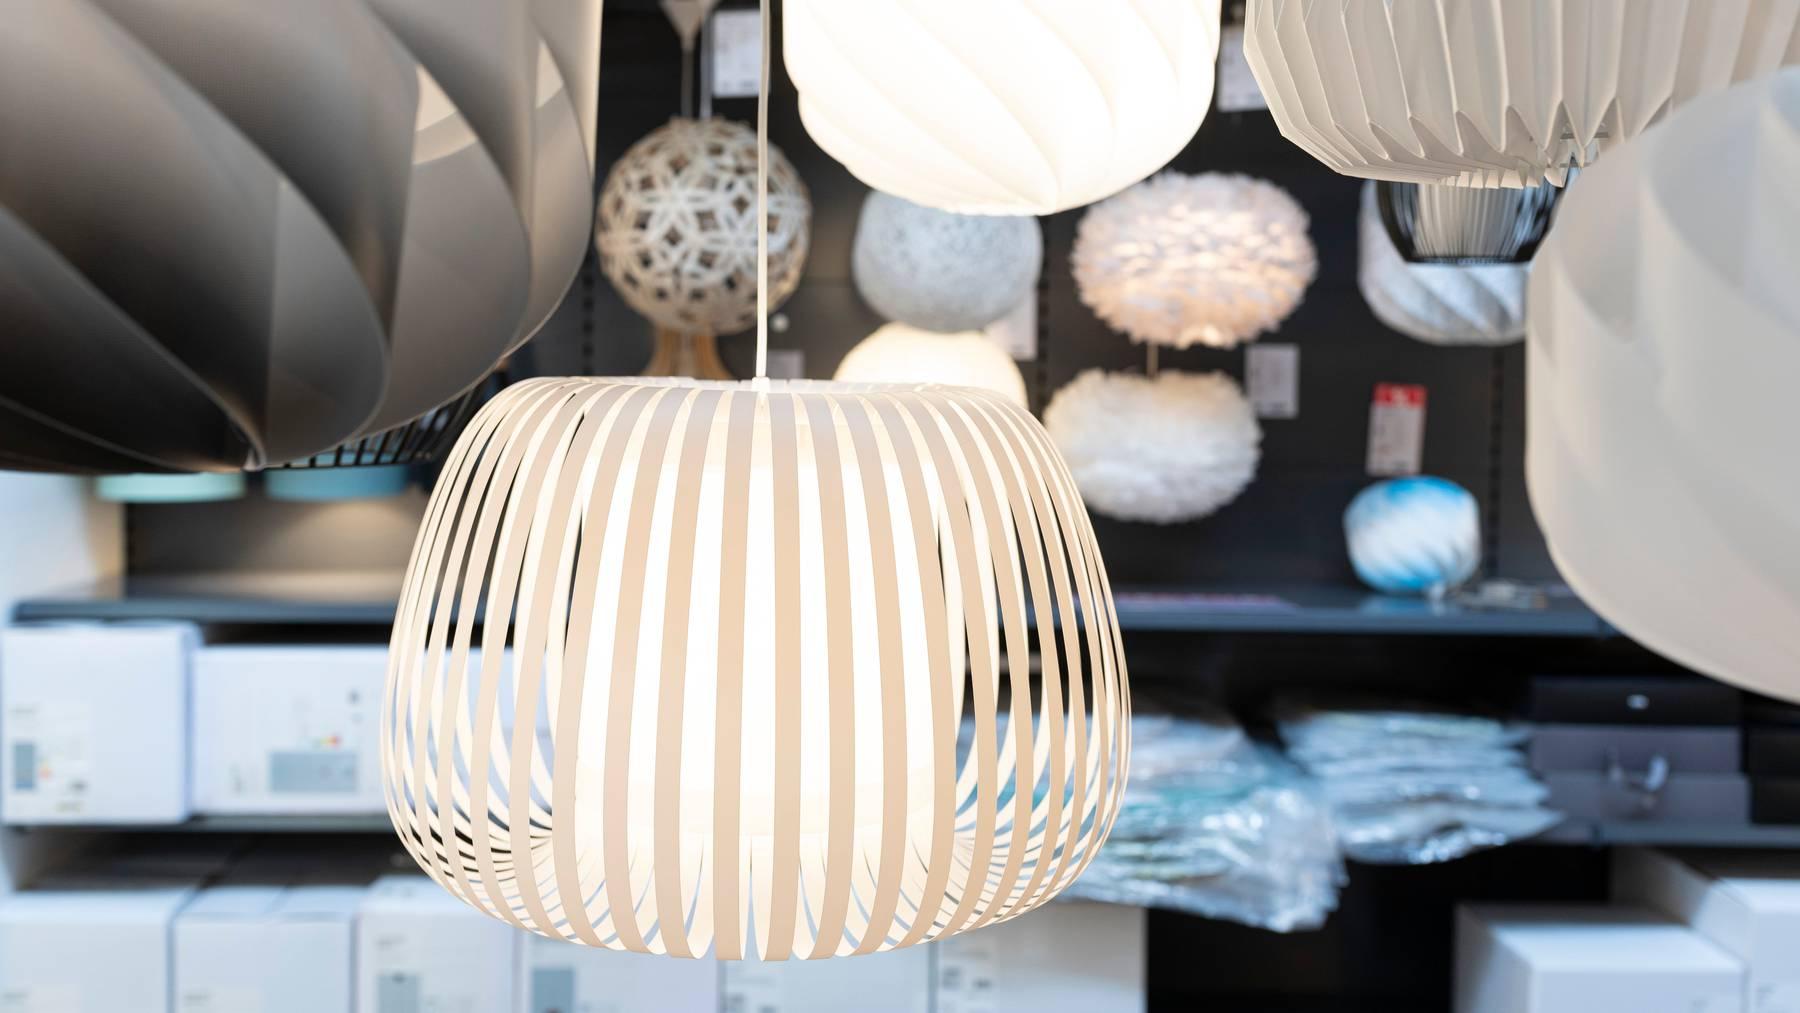 LED-Lampen machen einen immer grösseren Anteil am Lichtmarkt aus. (Symbolbild)